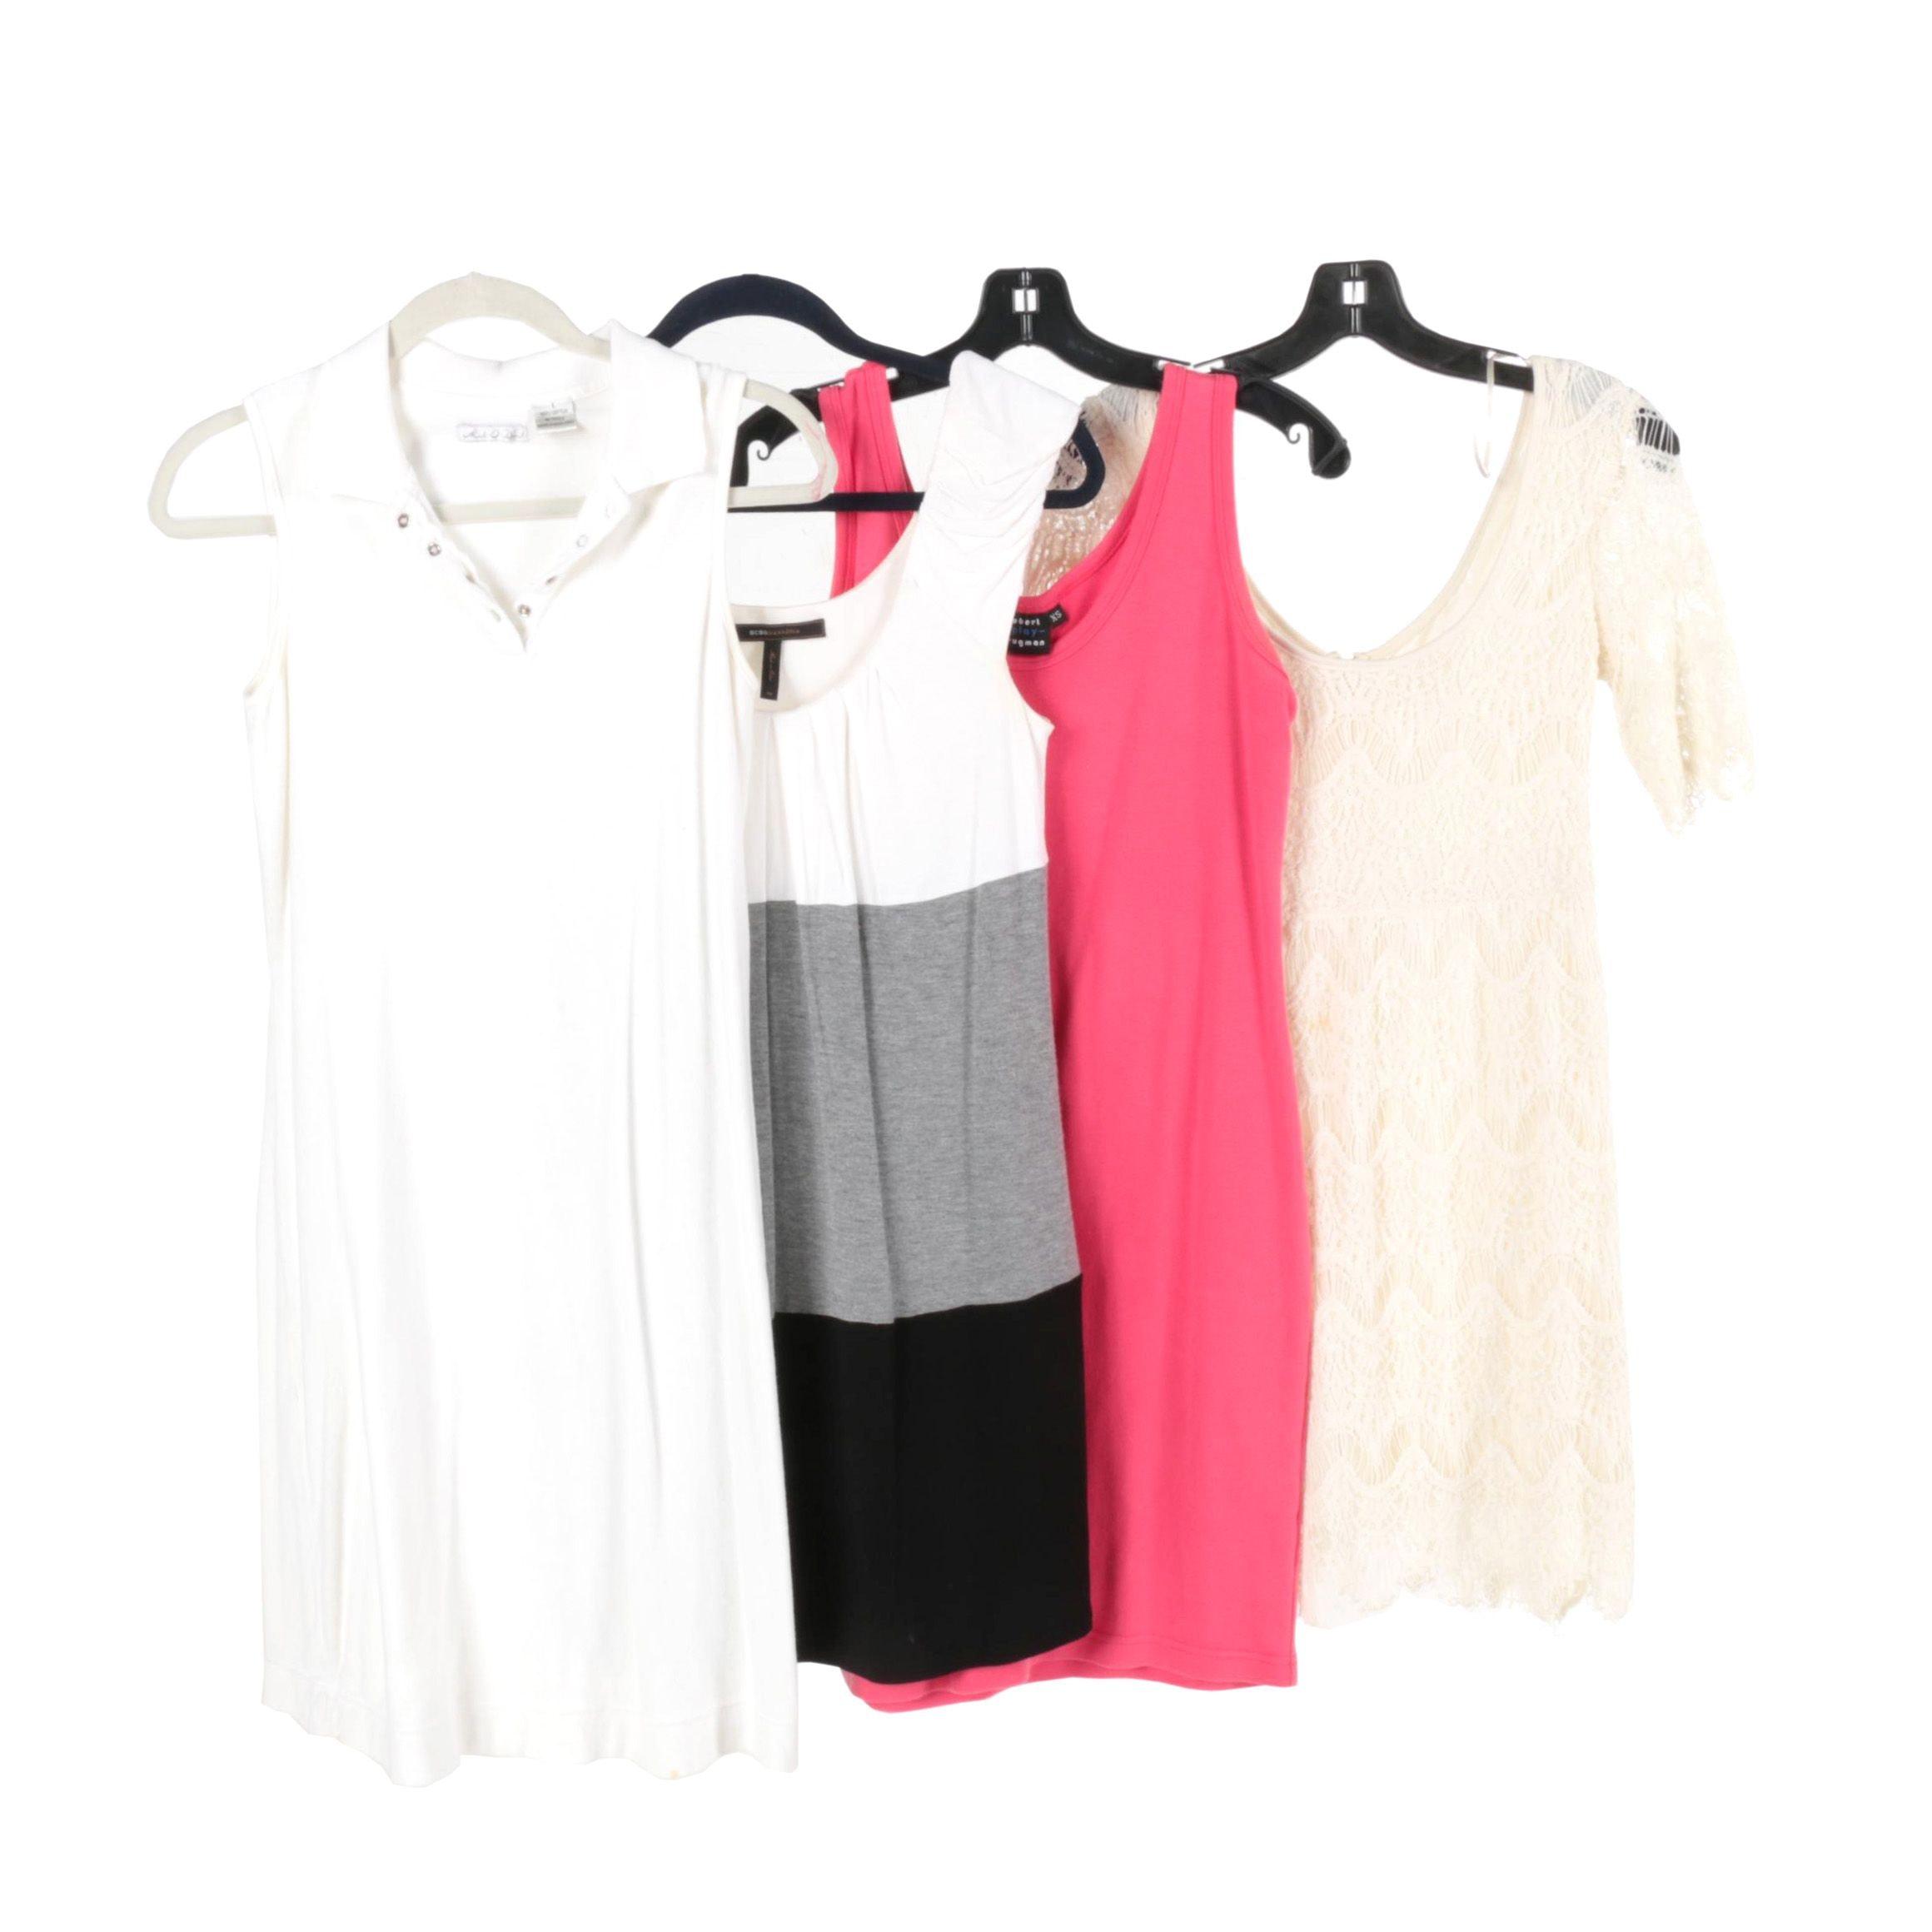 Women's Casual Dresses Including BCBG